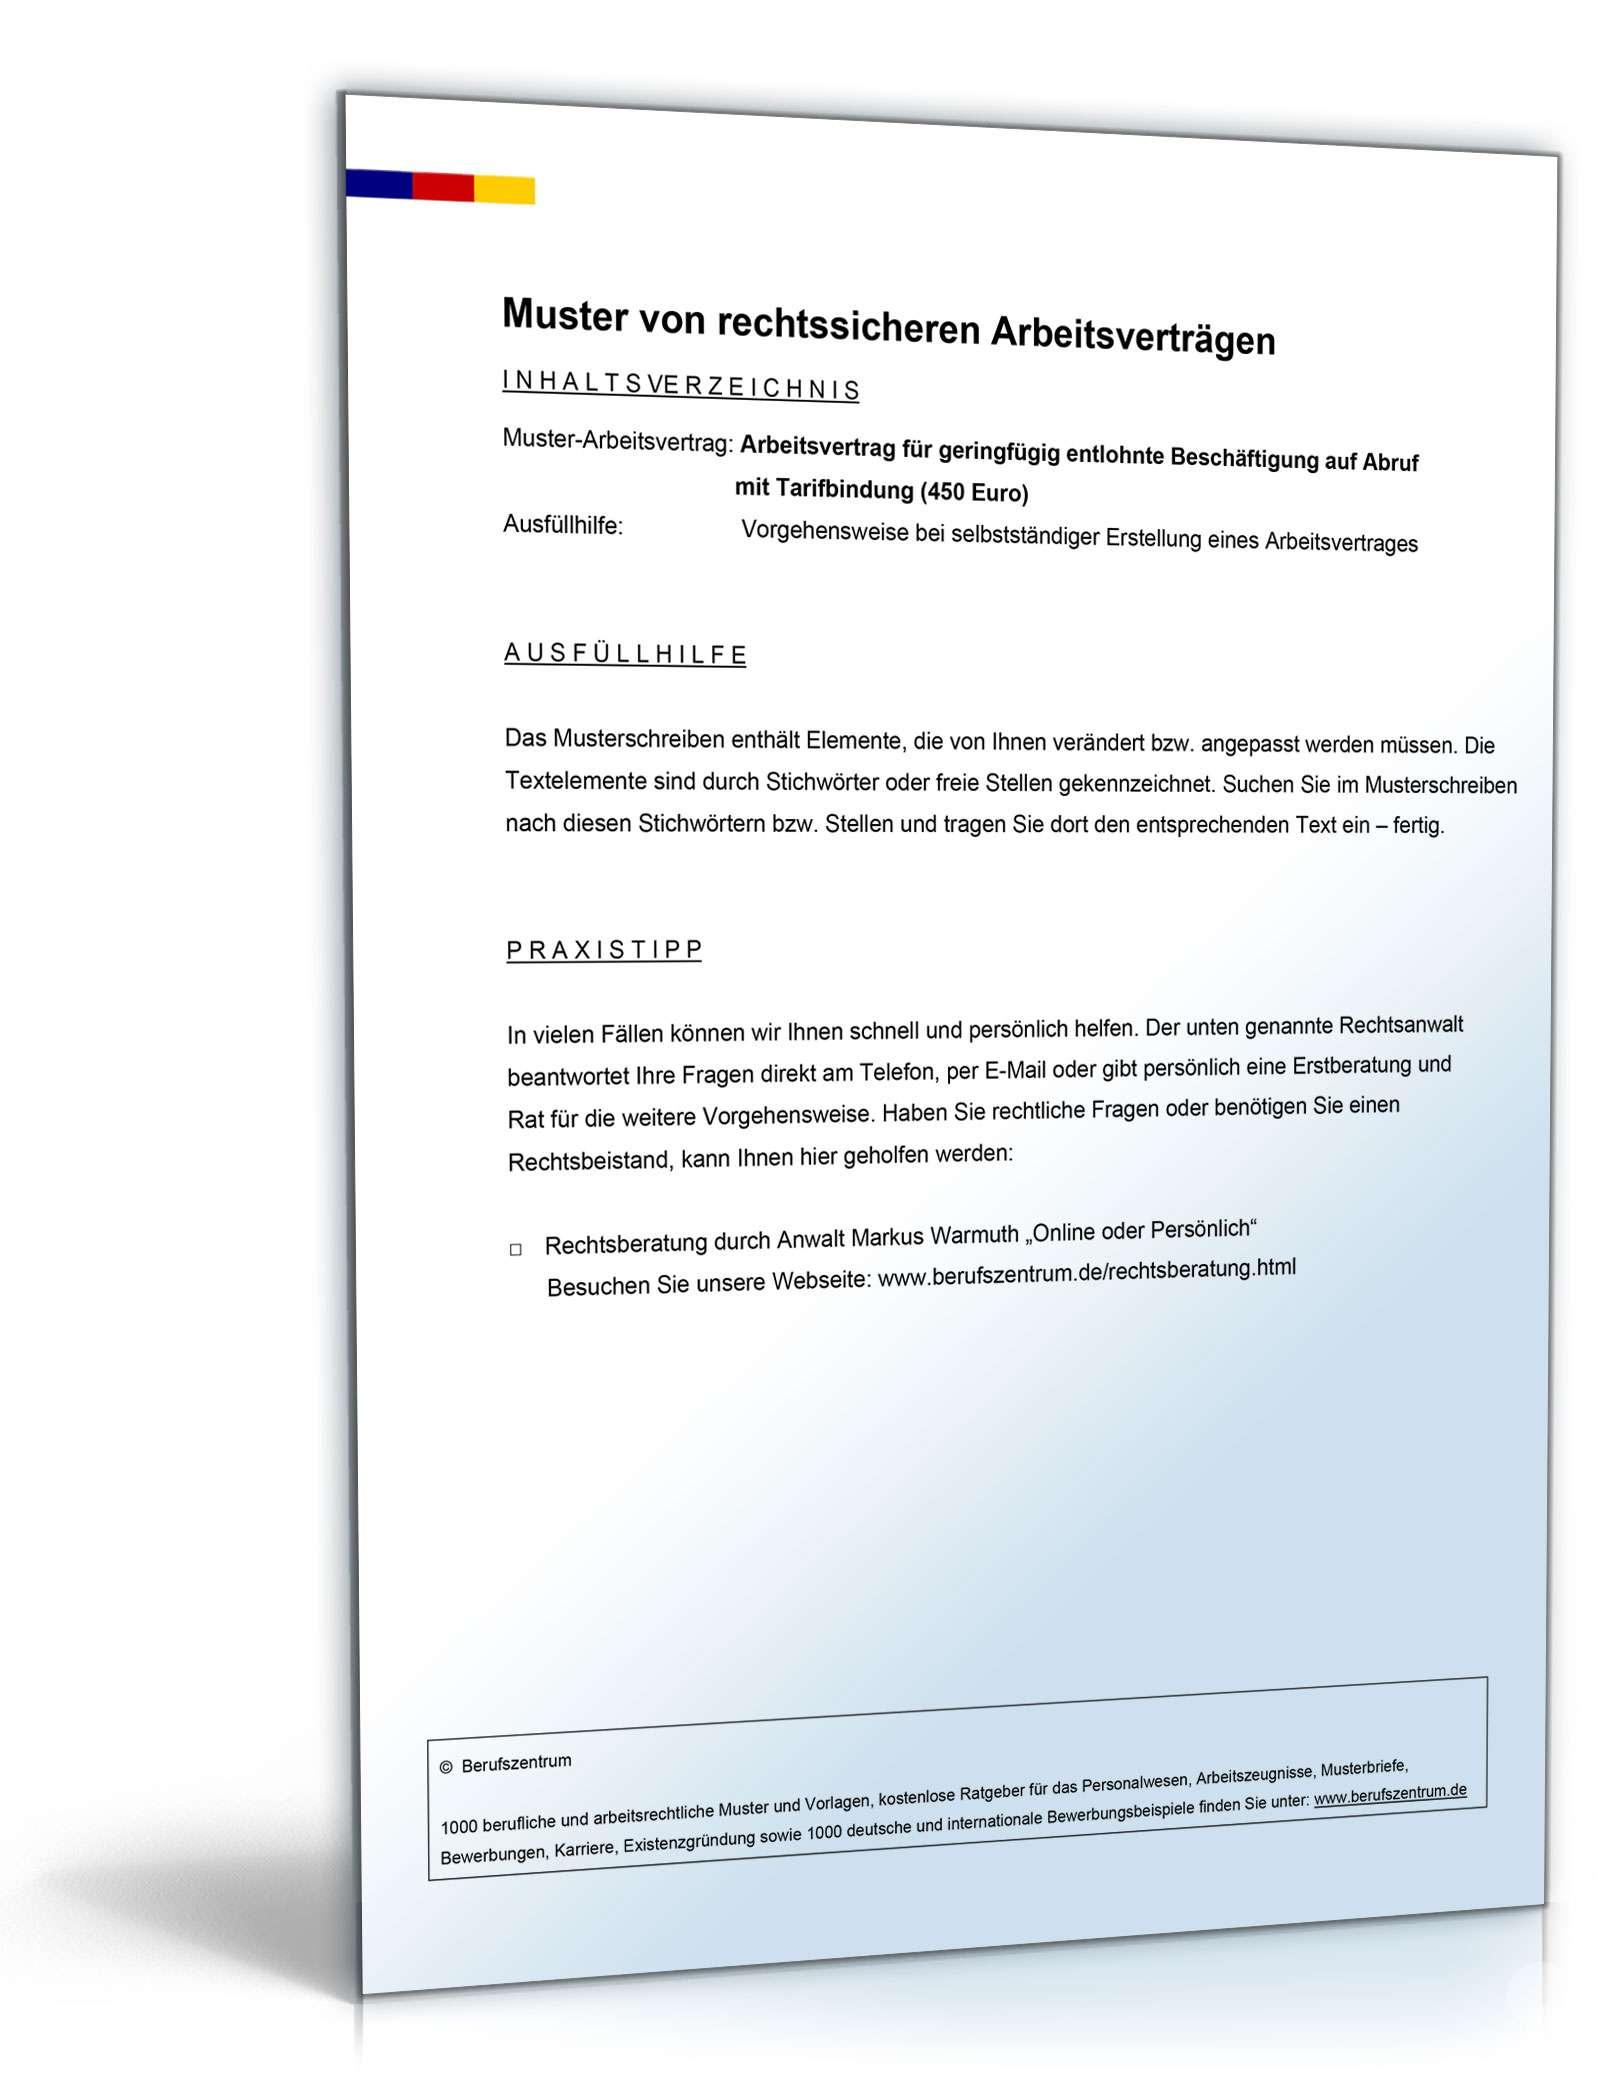 Arbeitsvertrag Minijob Auf Abruf Mit Tarifbindung Muster Zum Download